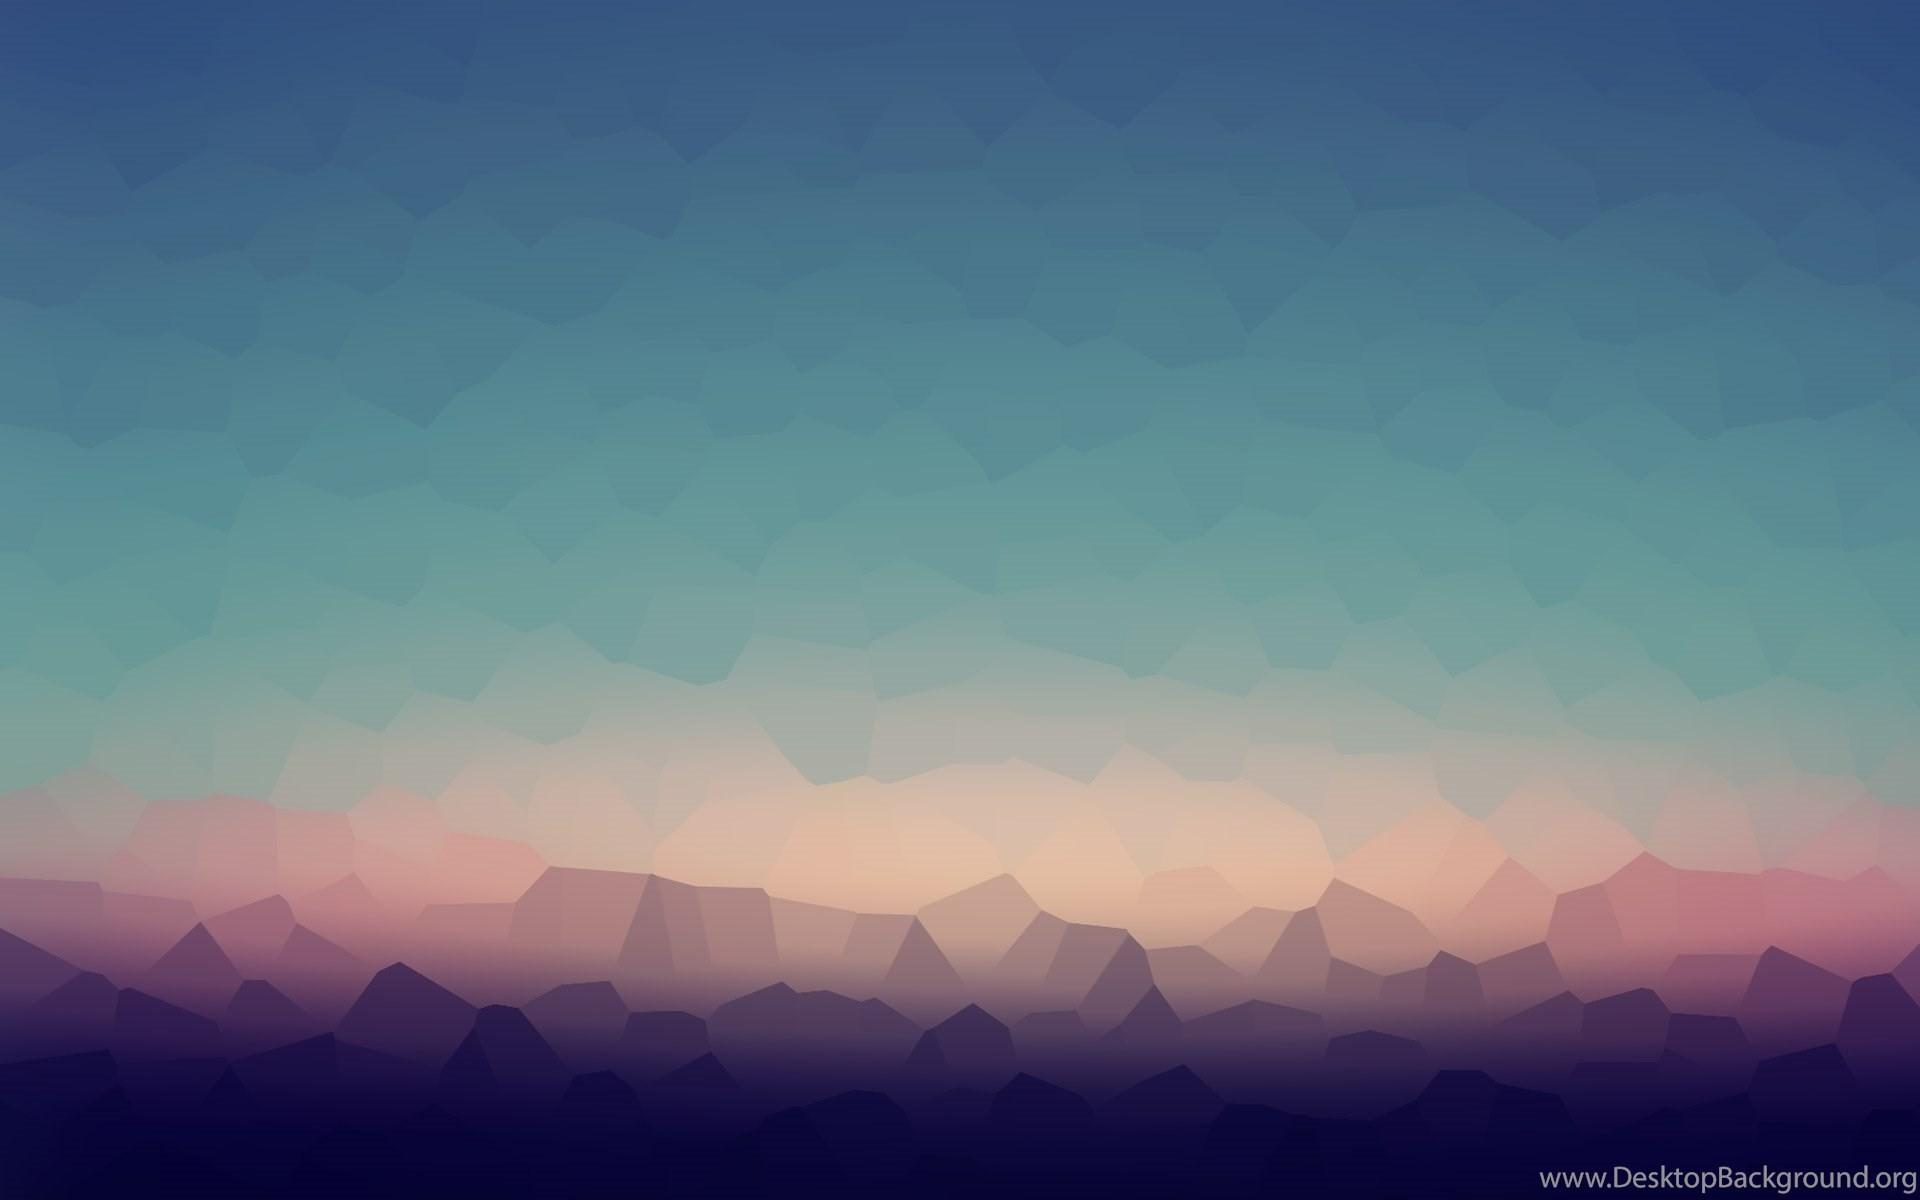 Macbook Air Wallpaper Wallpapertag